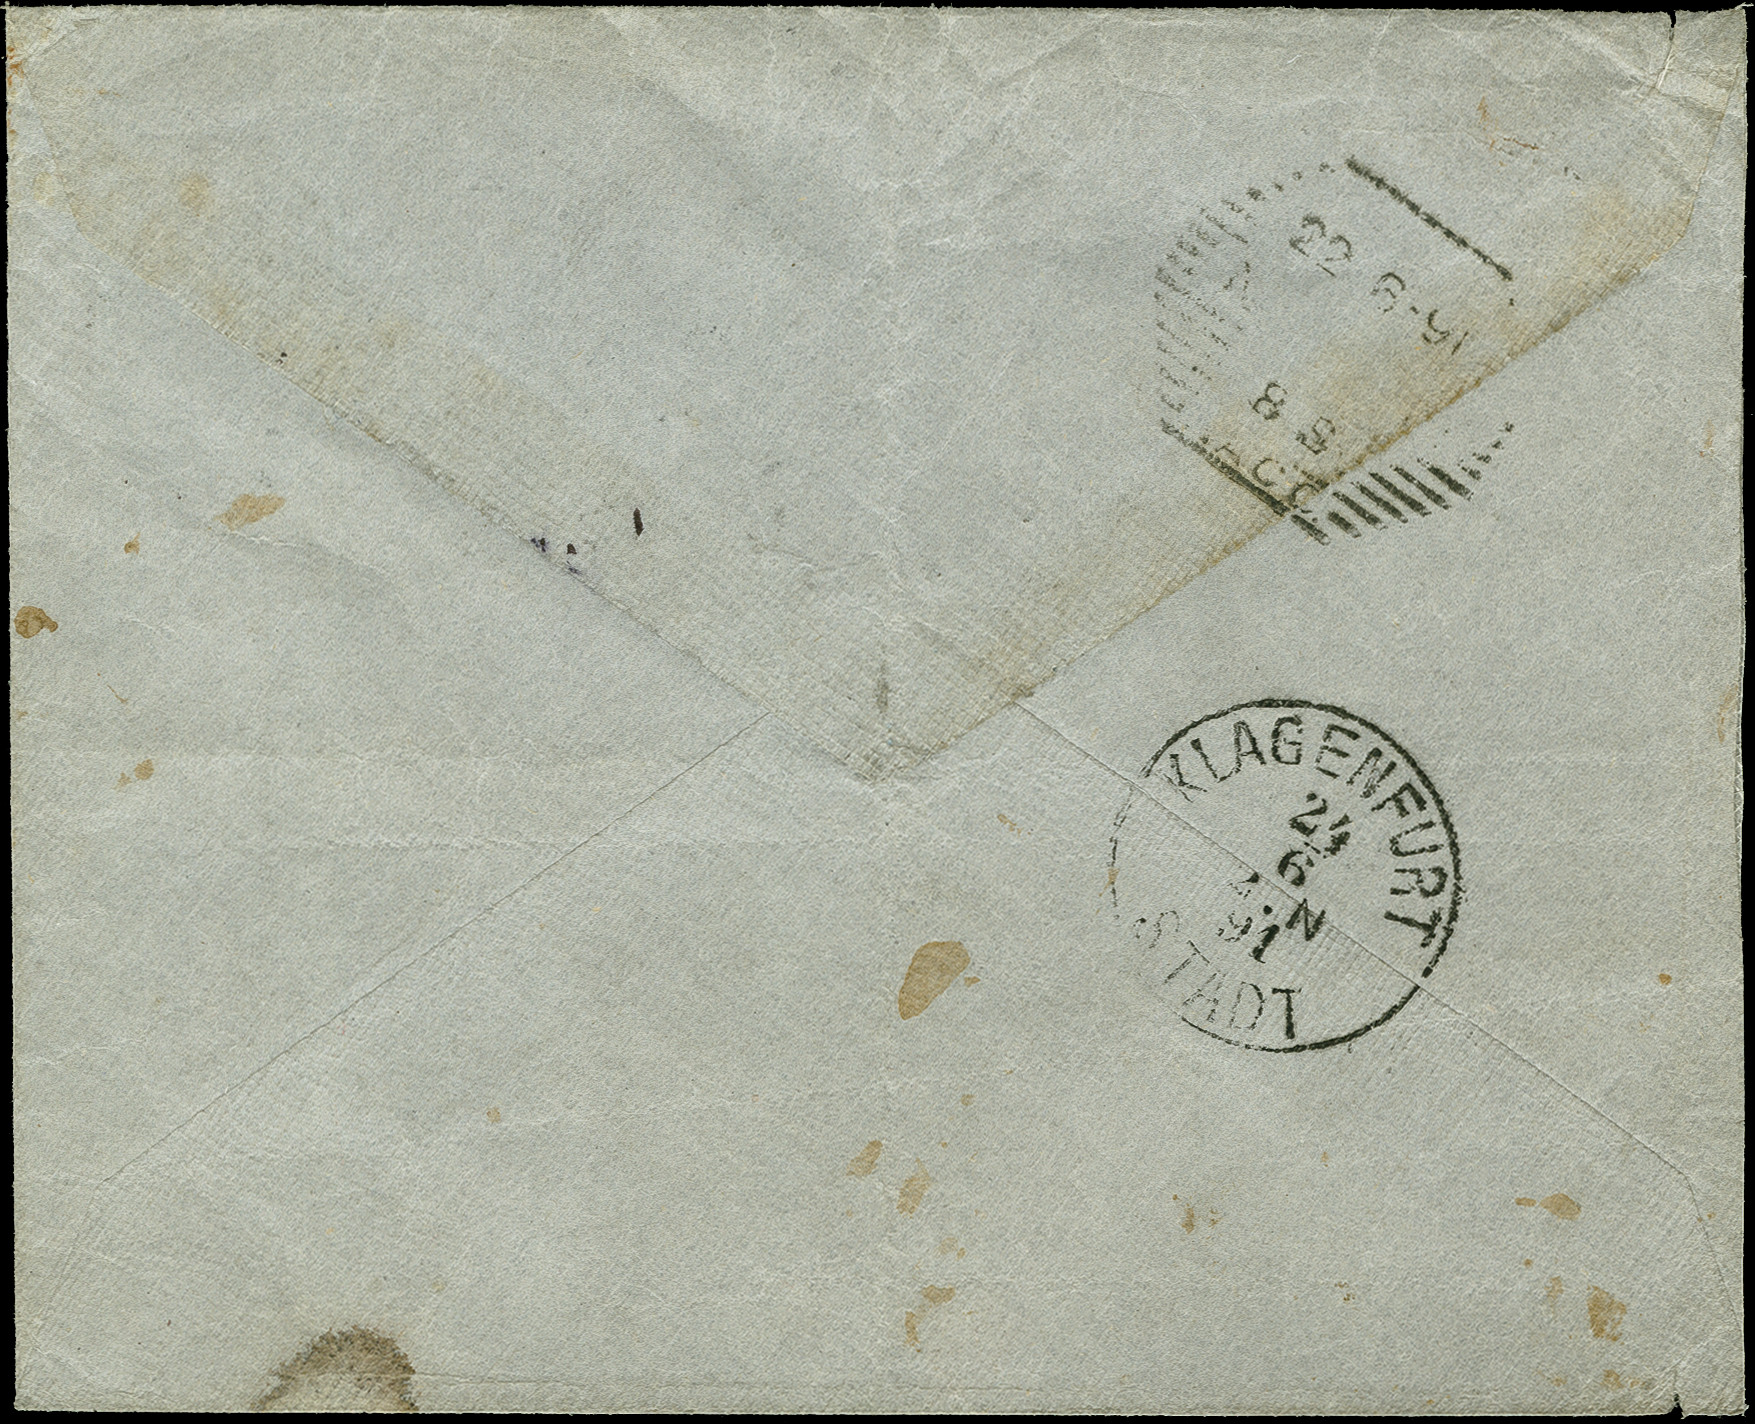 Lot 2858 - deutsch-ostafrika German East Africa - forerunners Zanzibar -  Heinrich Koehler Auktionen 375rd Heinrich Köhler auction - Day 2